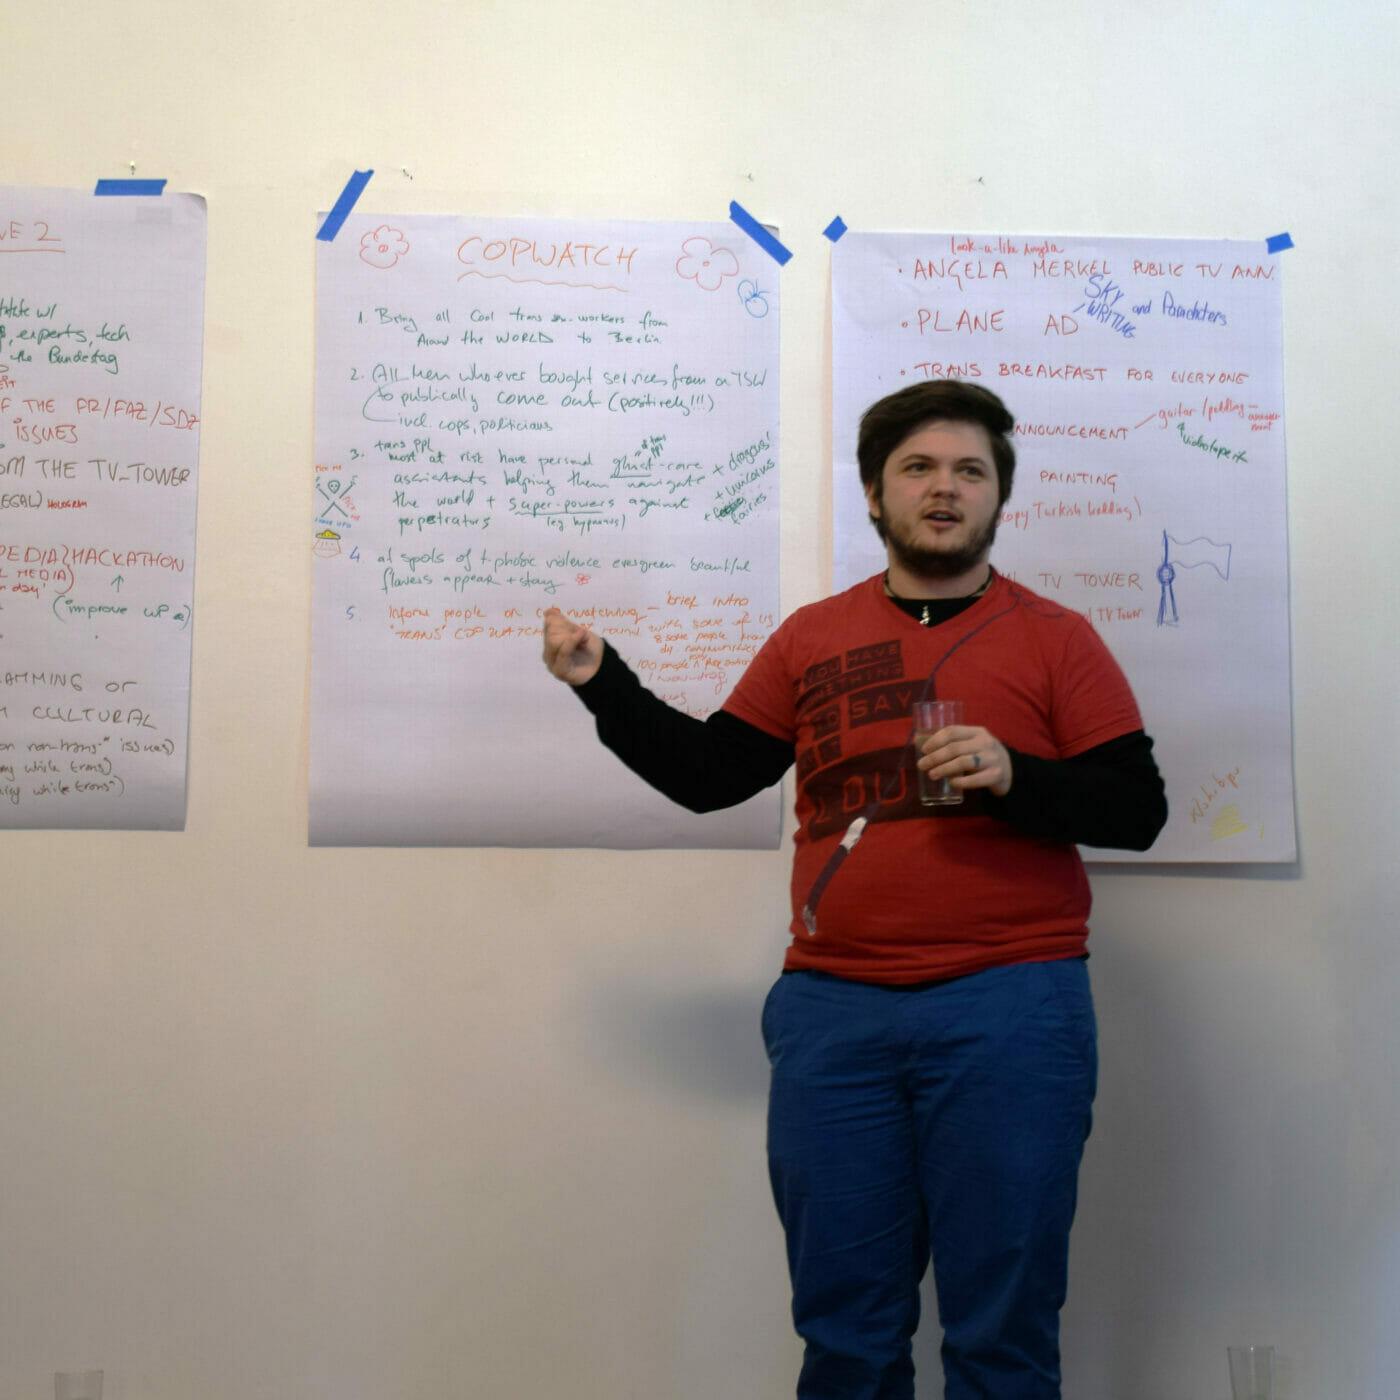 Ari Kajtezovic speaking in front of some whiteboard notes